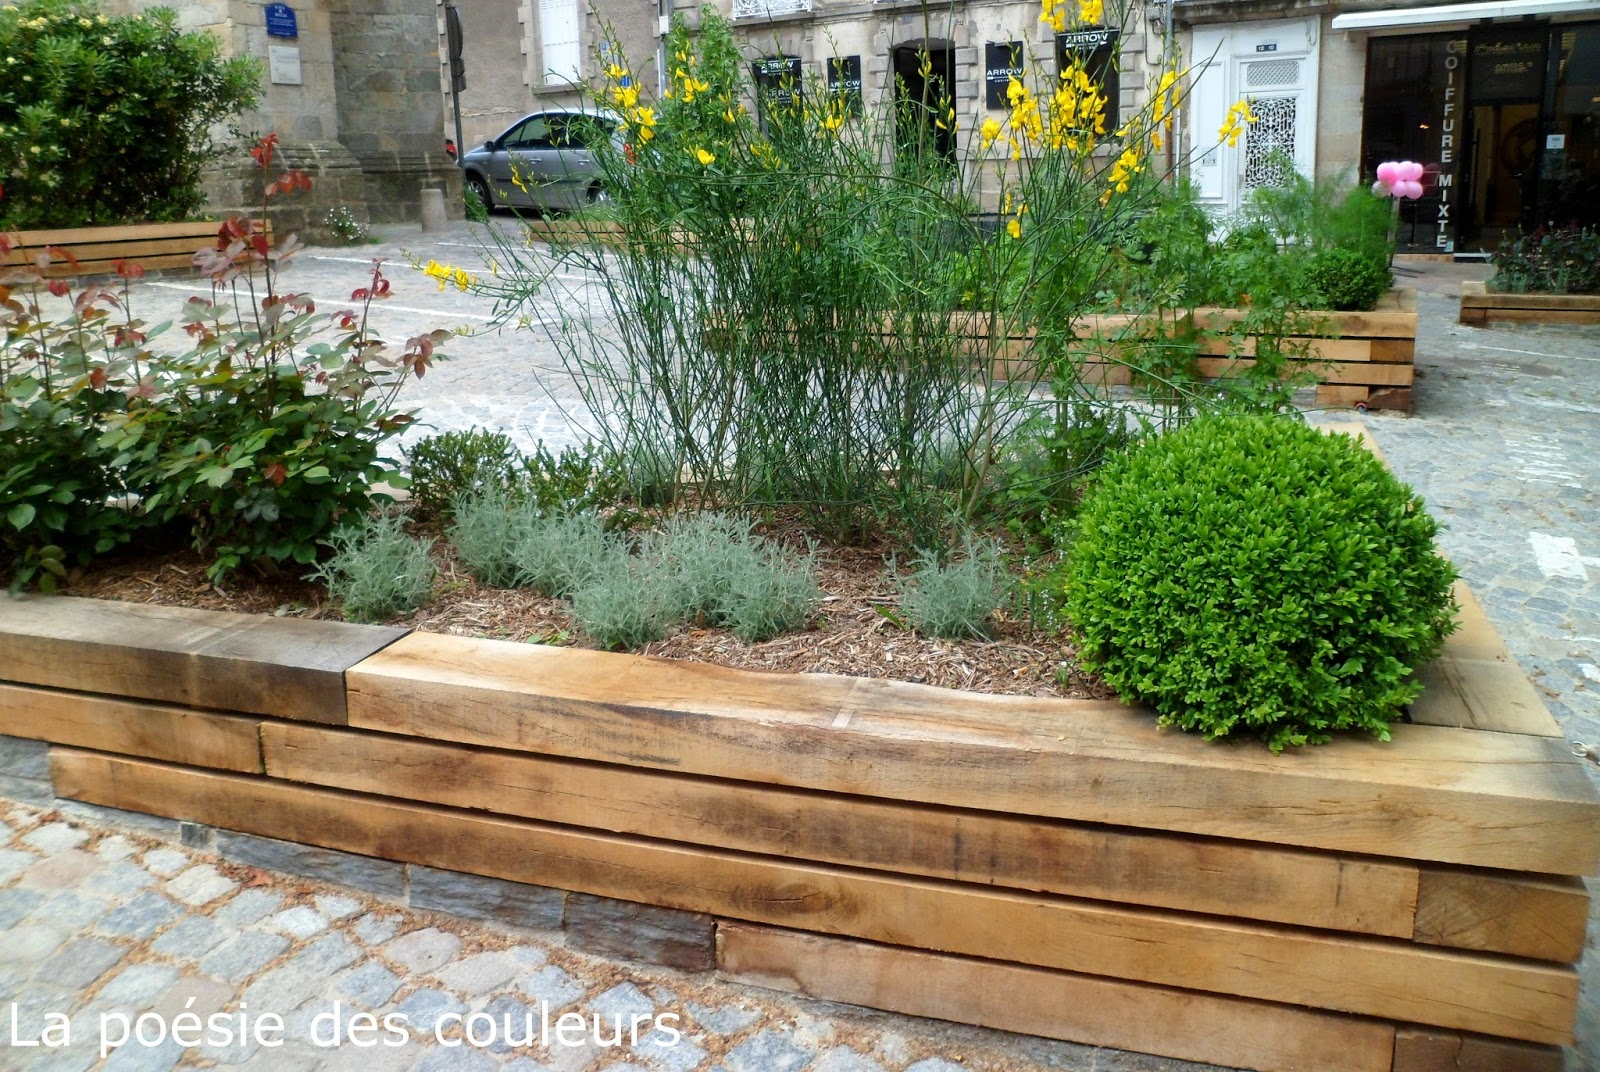 La po sie des couleurs vannes jardins ph m res 2016 en for Cote jardin vannes 2016